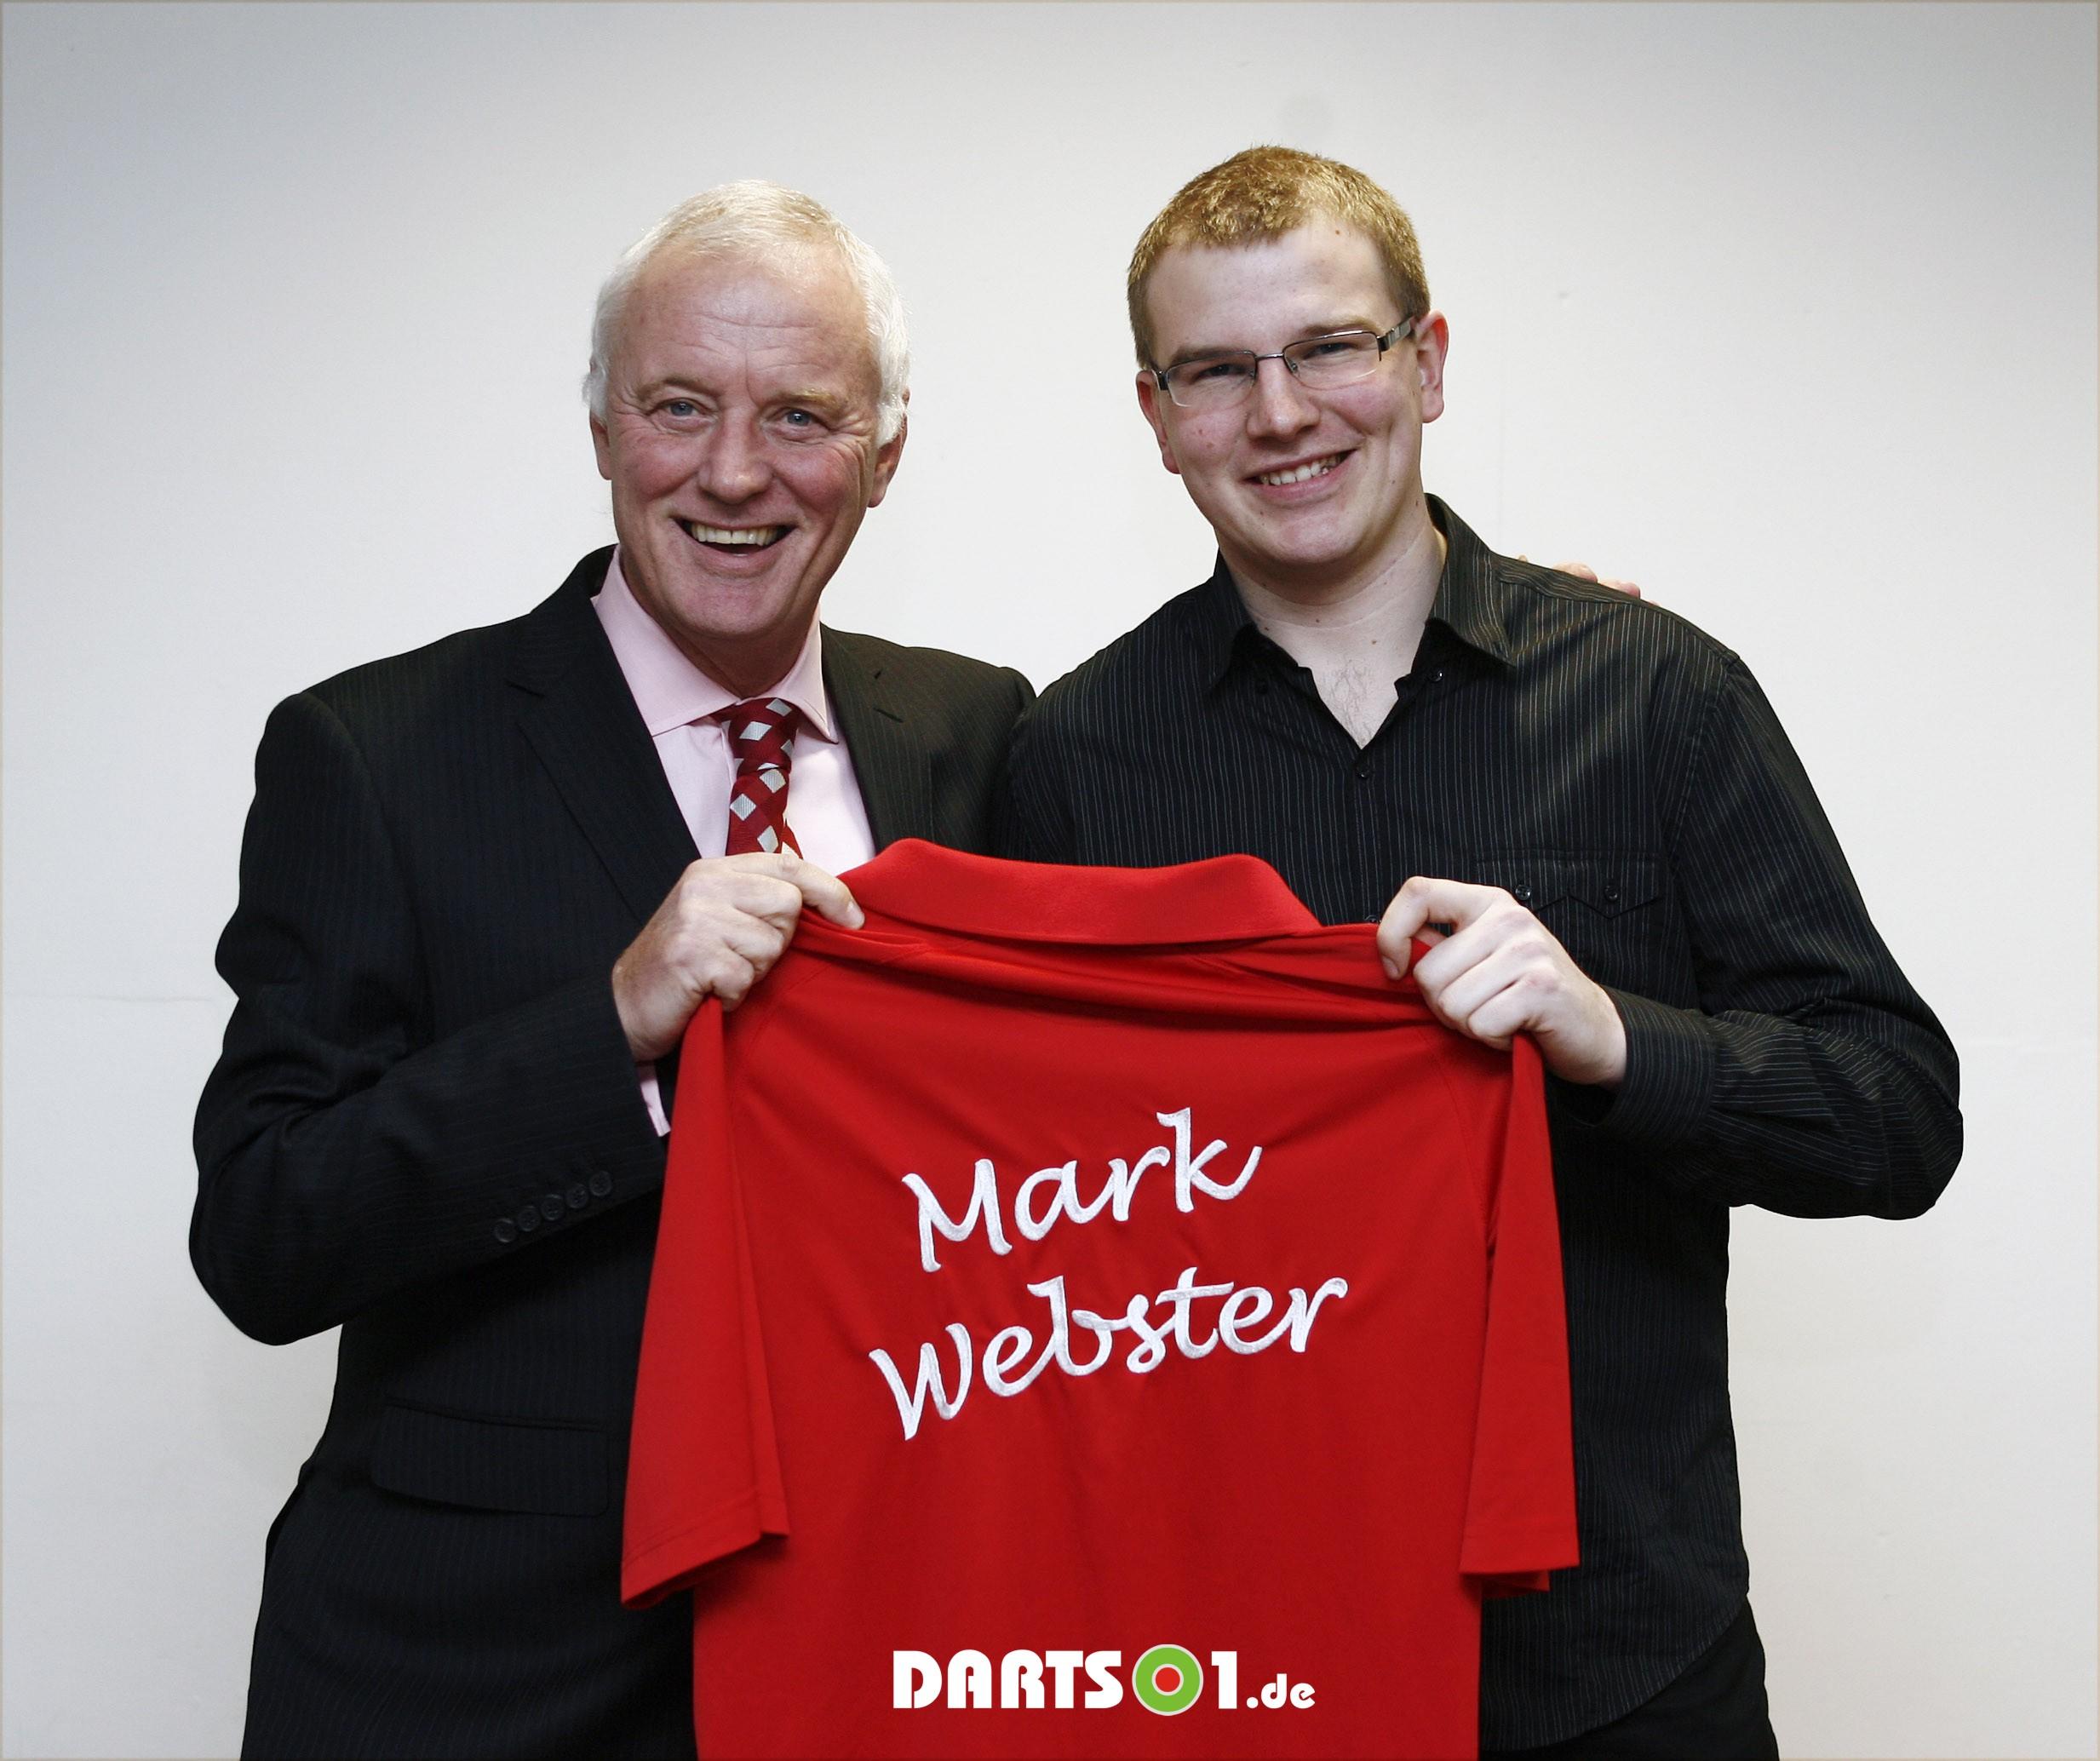 Mark-Webster